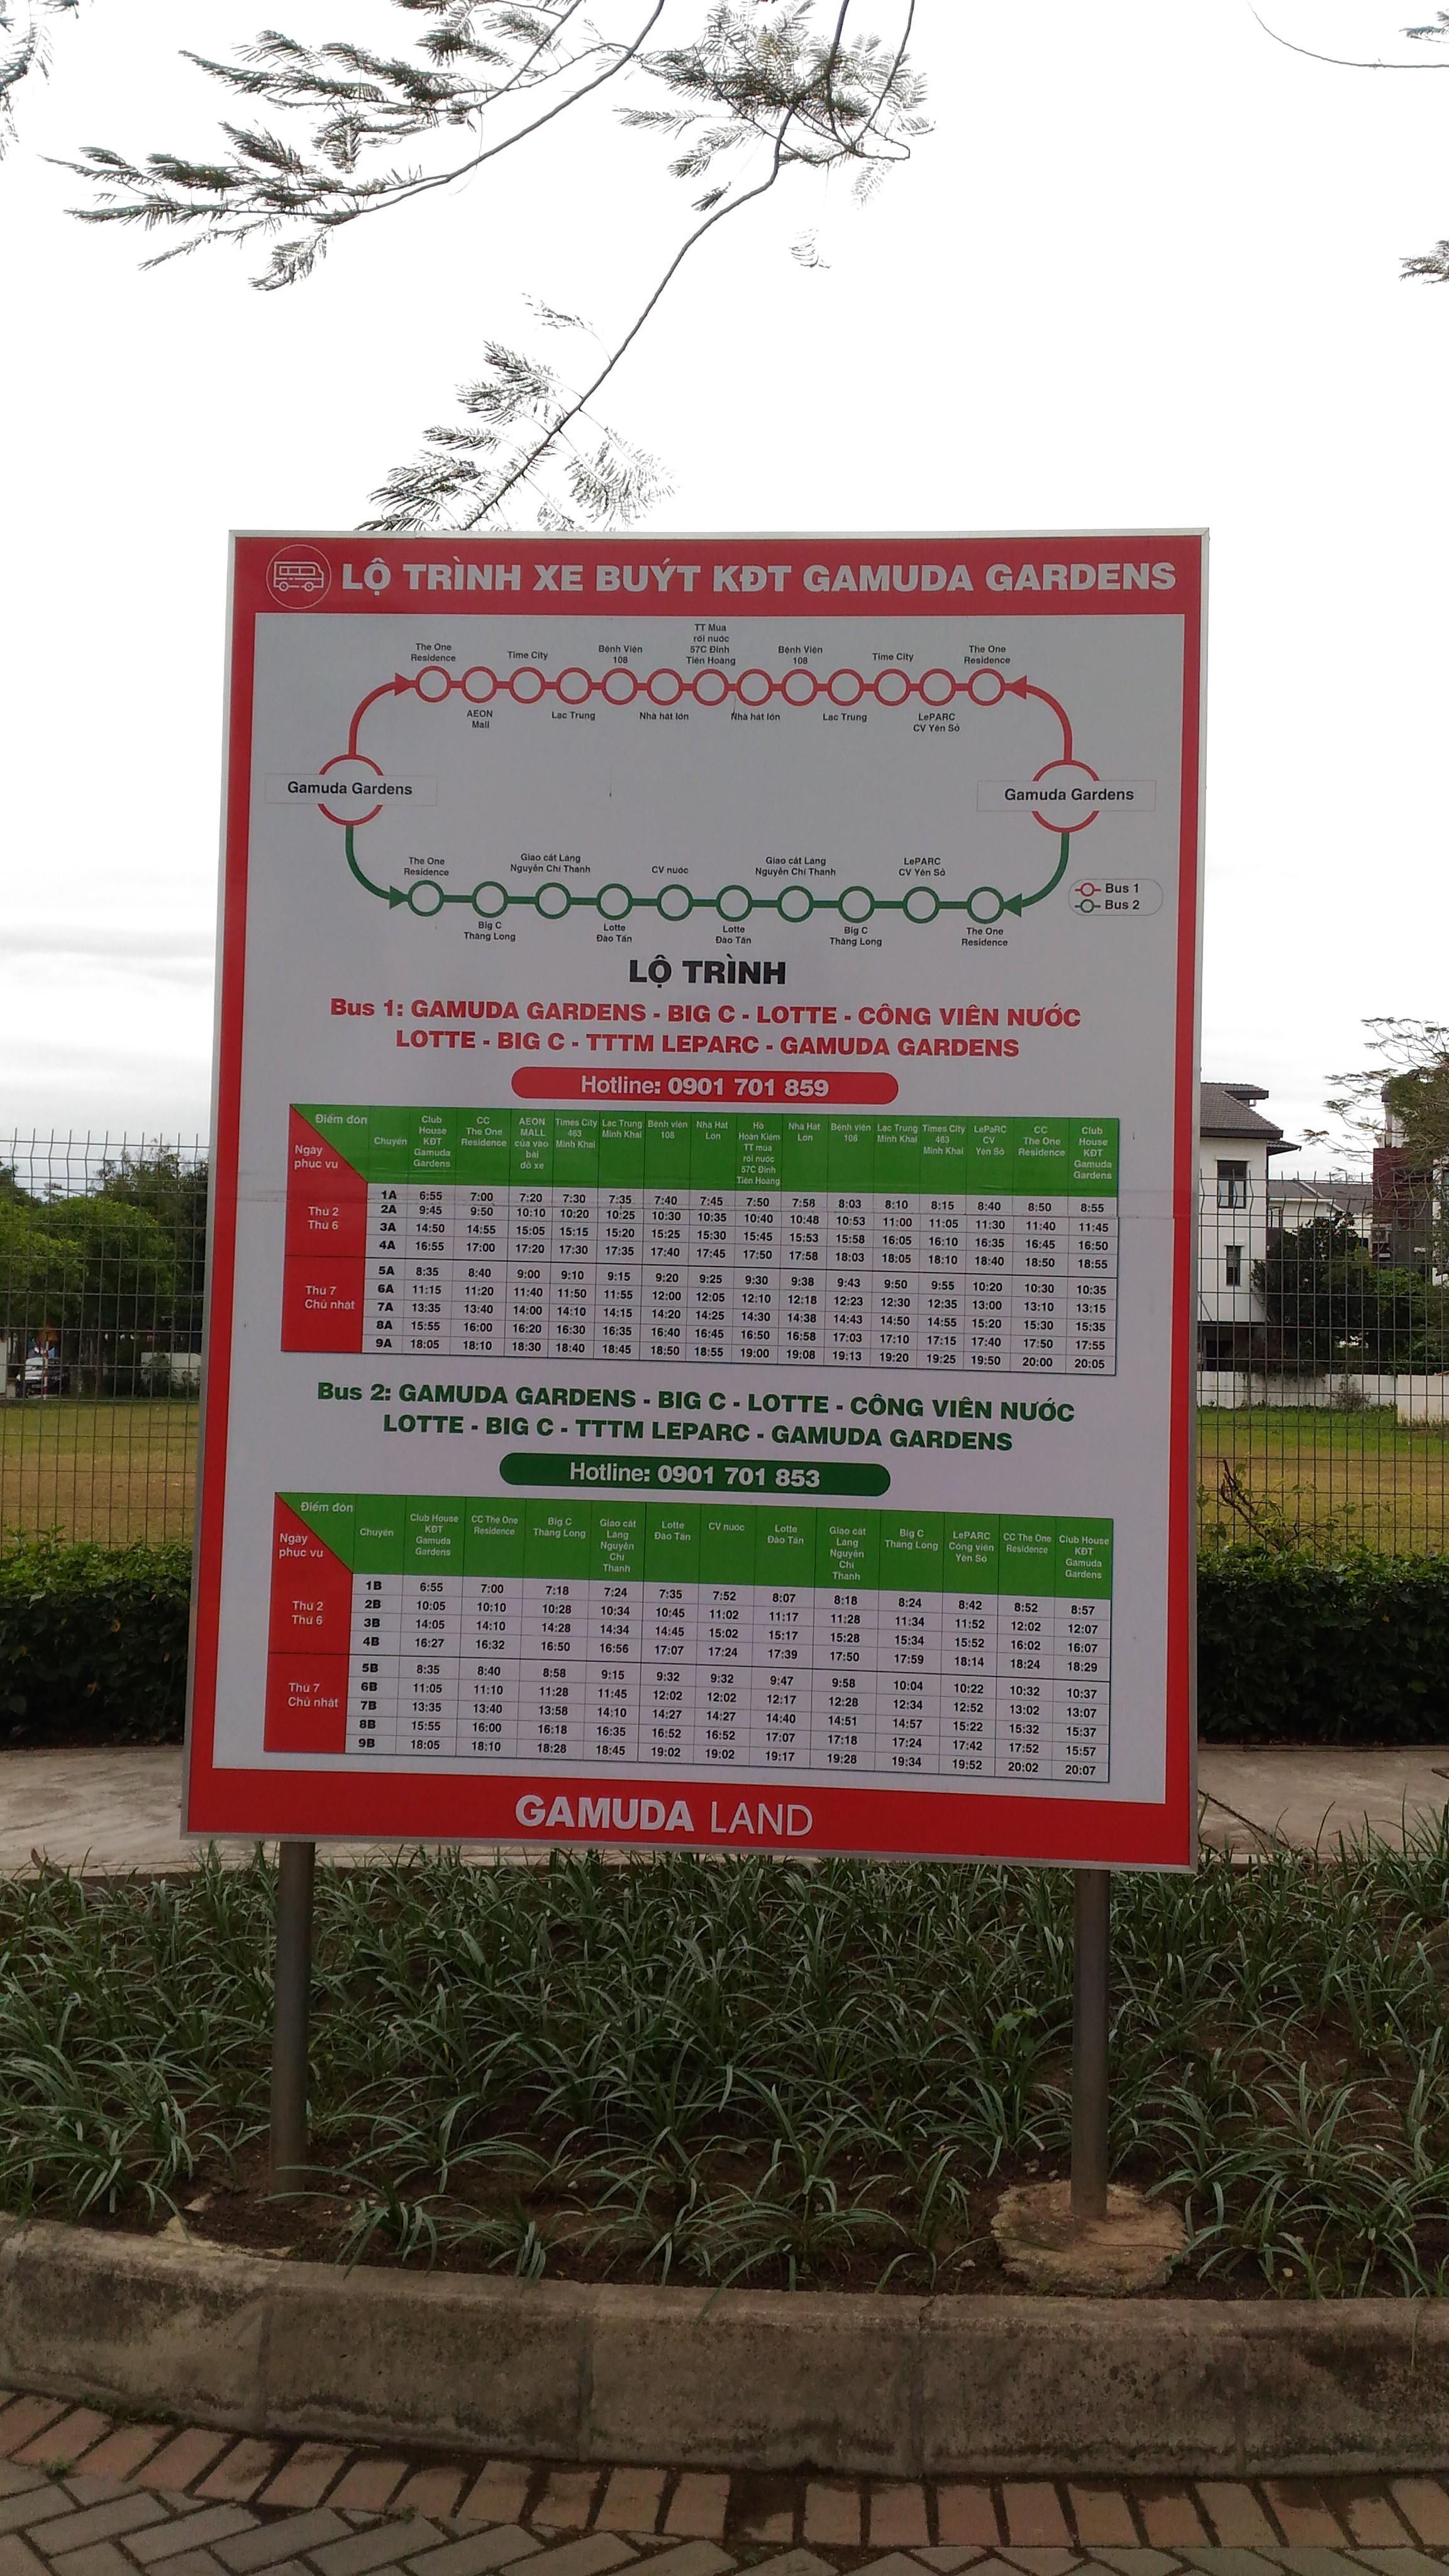 Lộ trình xe buýt khu đô thị Gamuda Gardens